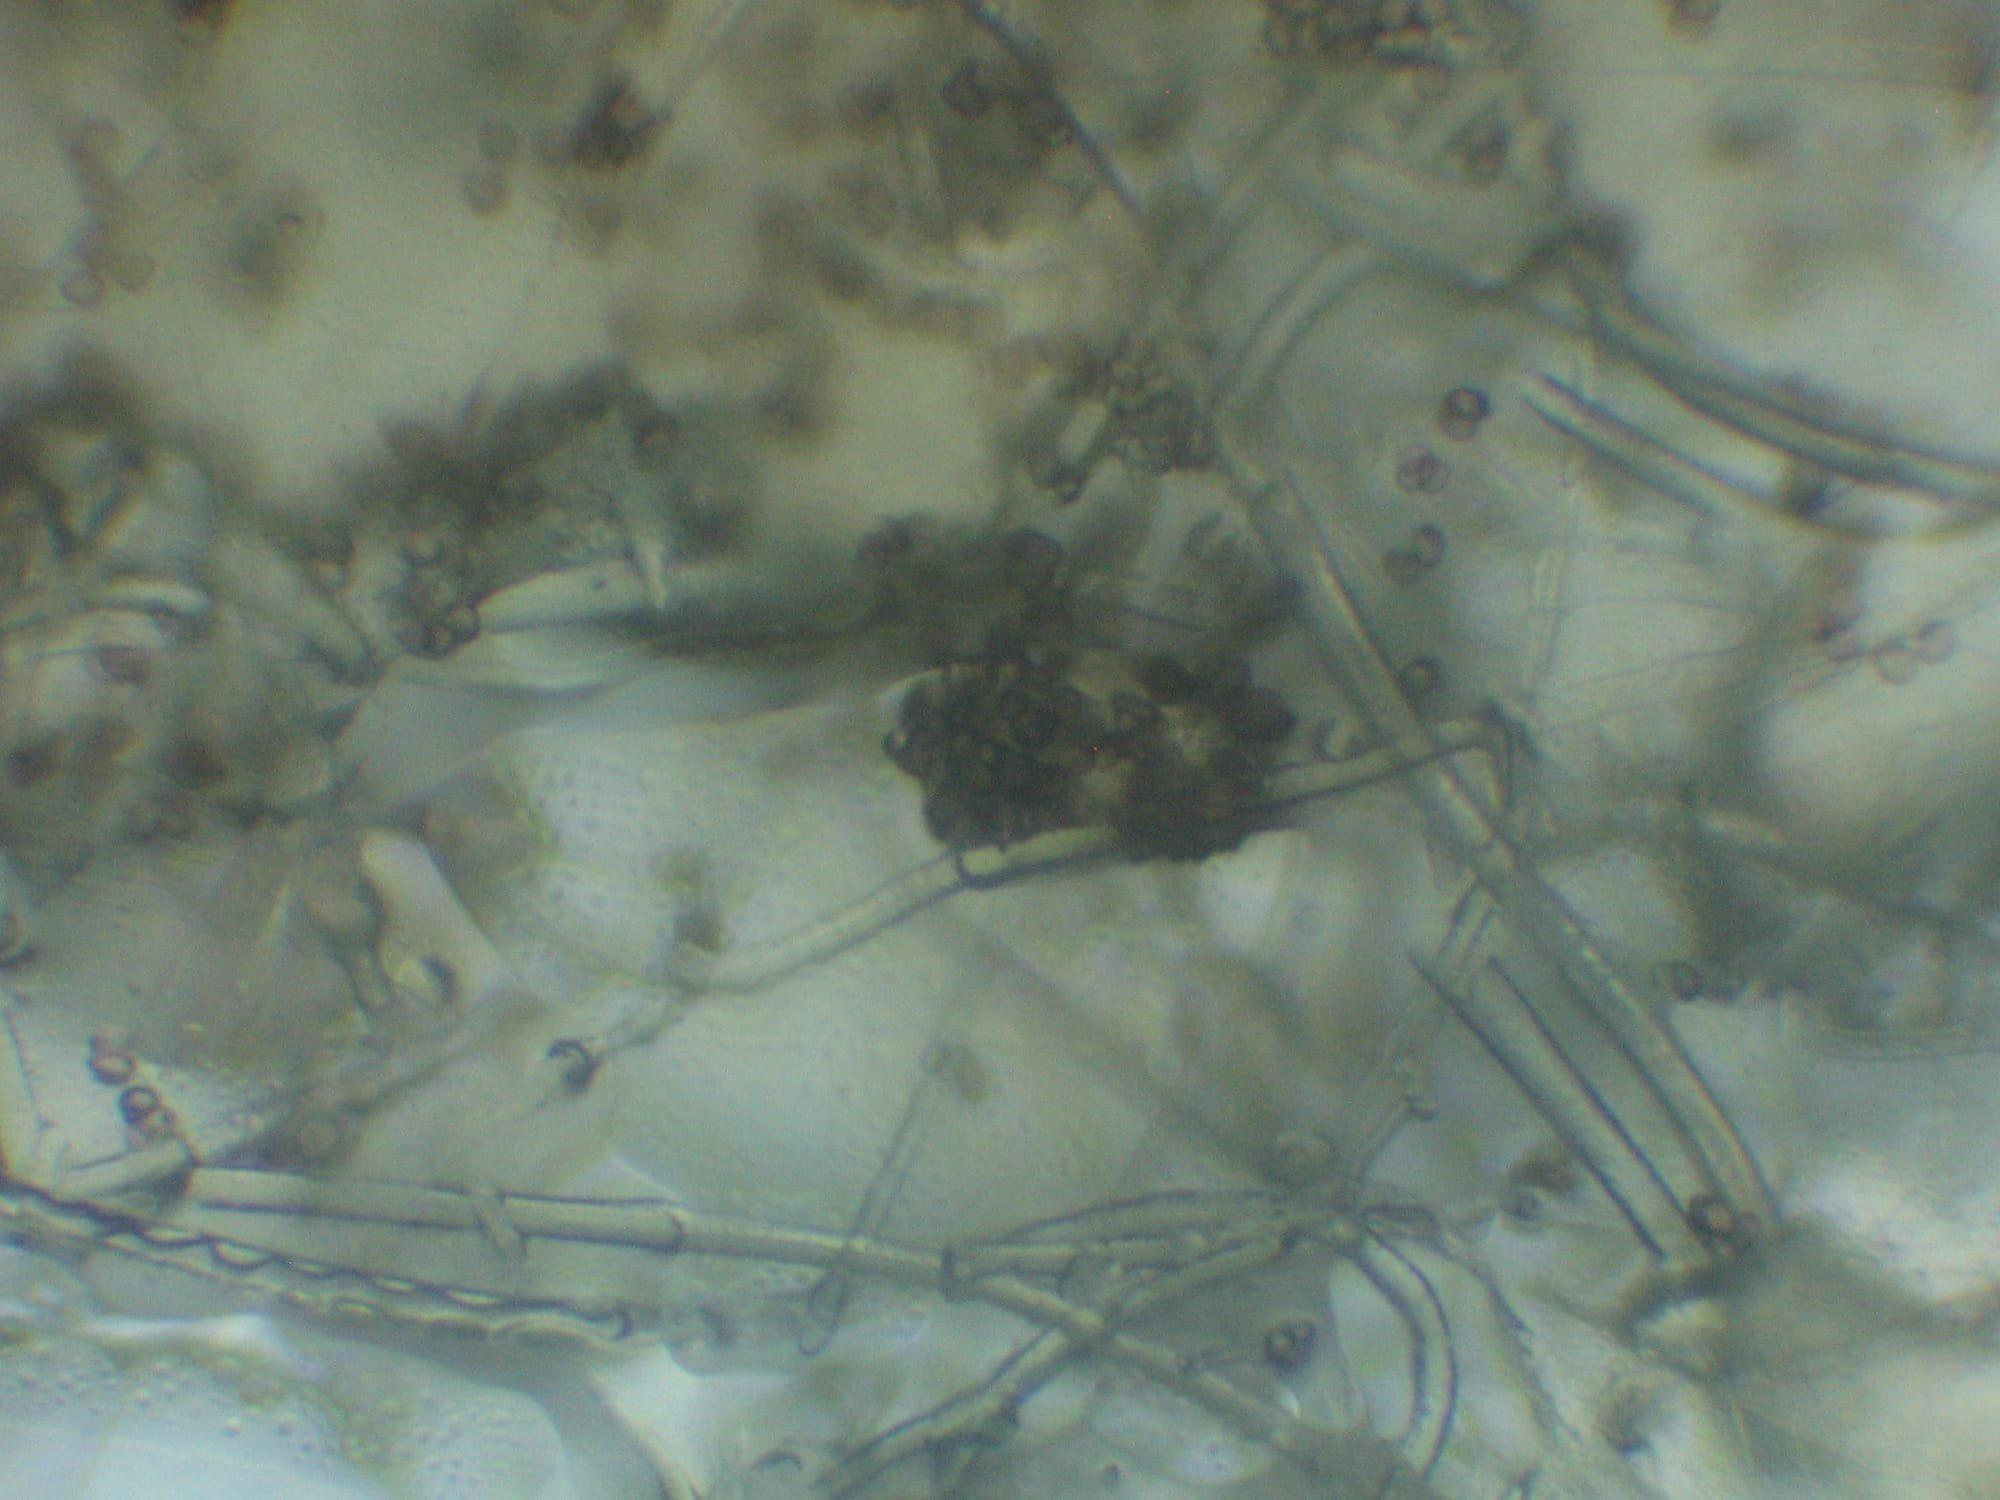 Blakeslea trispora sporangioli